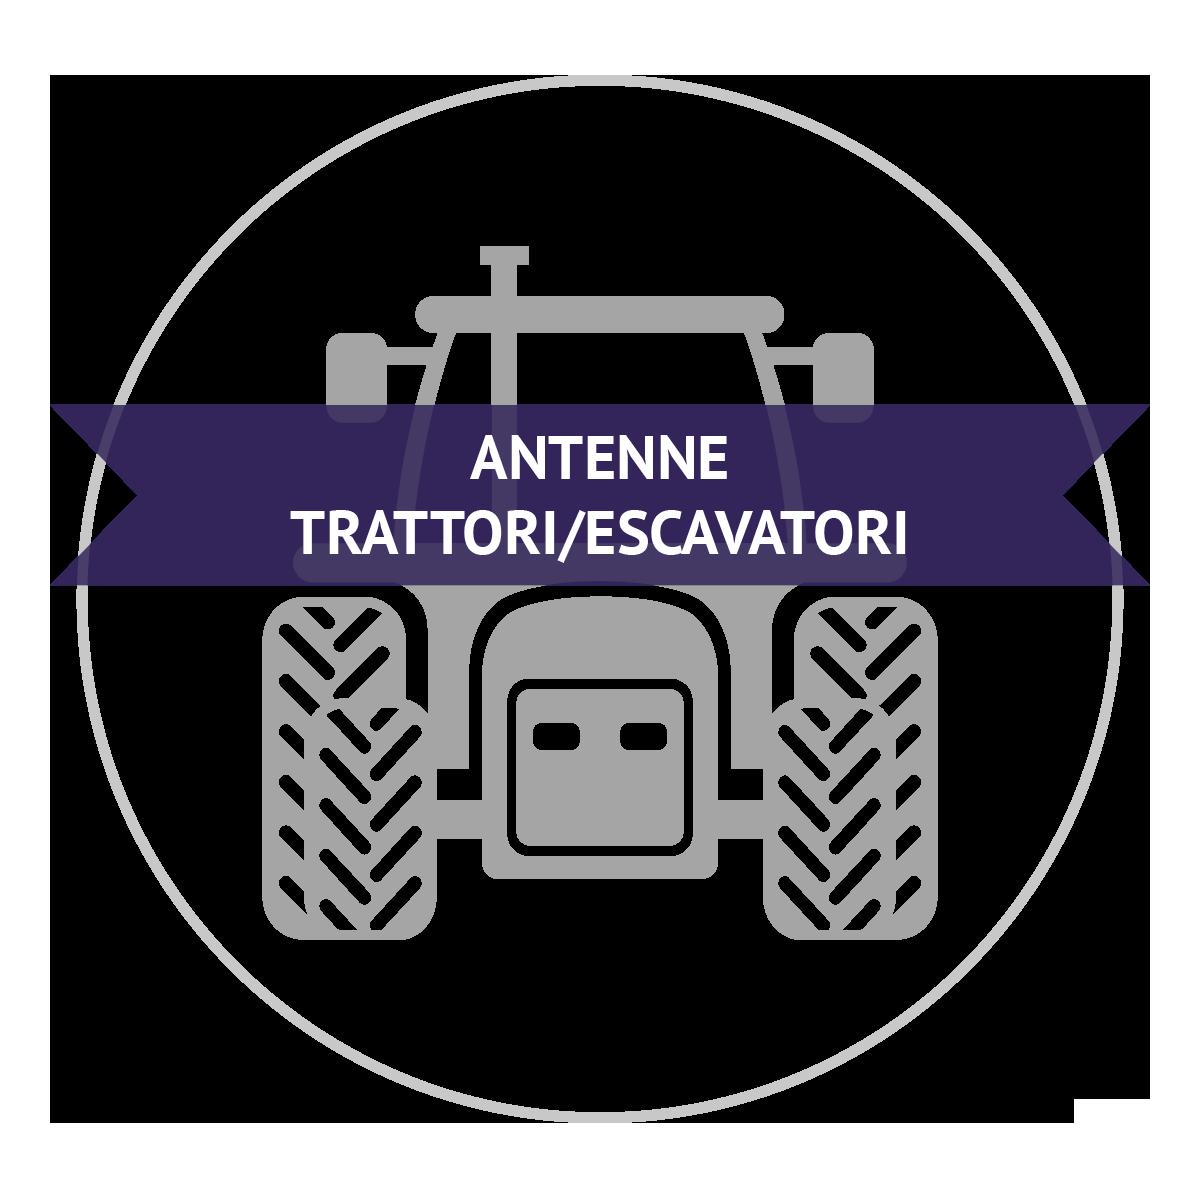 antenne-trattori